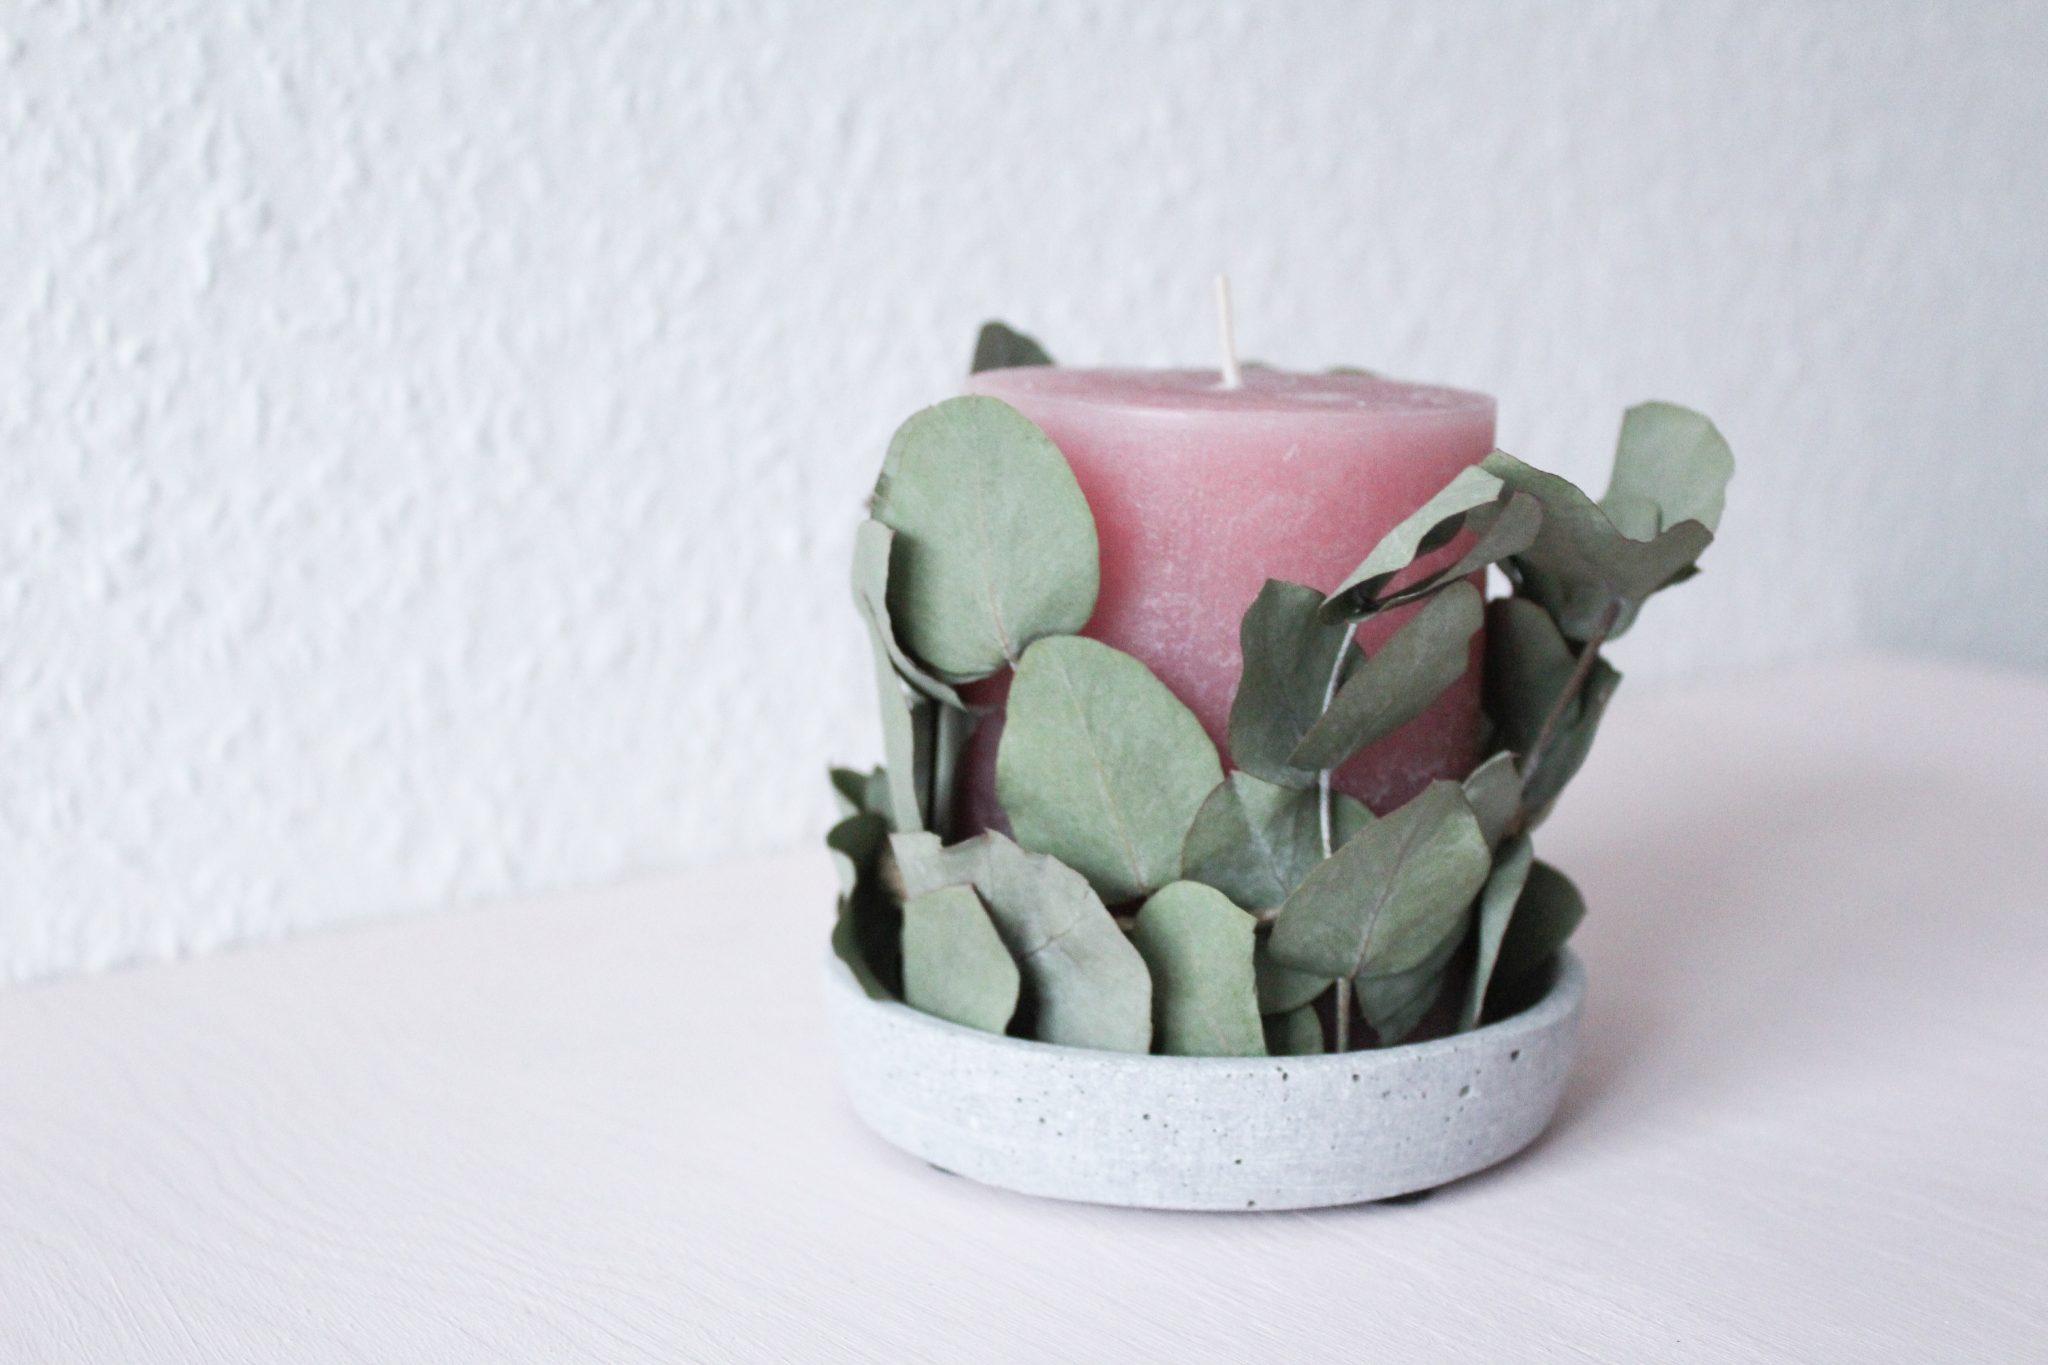 DIY Kerze mit Beton und Eukalyptus